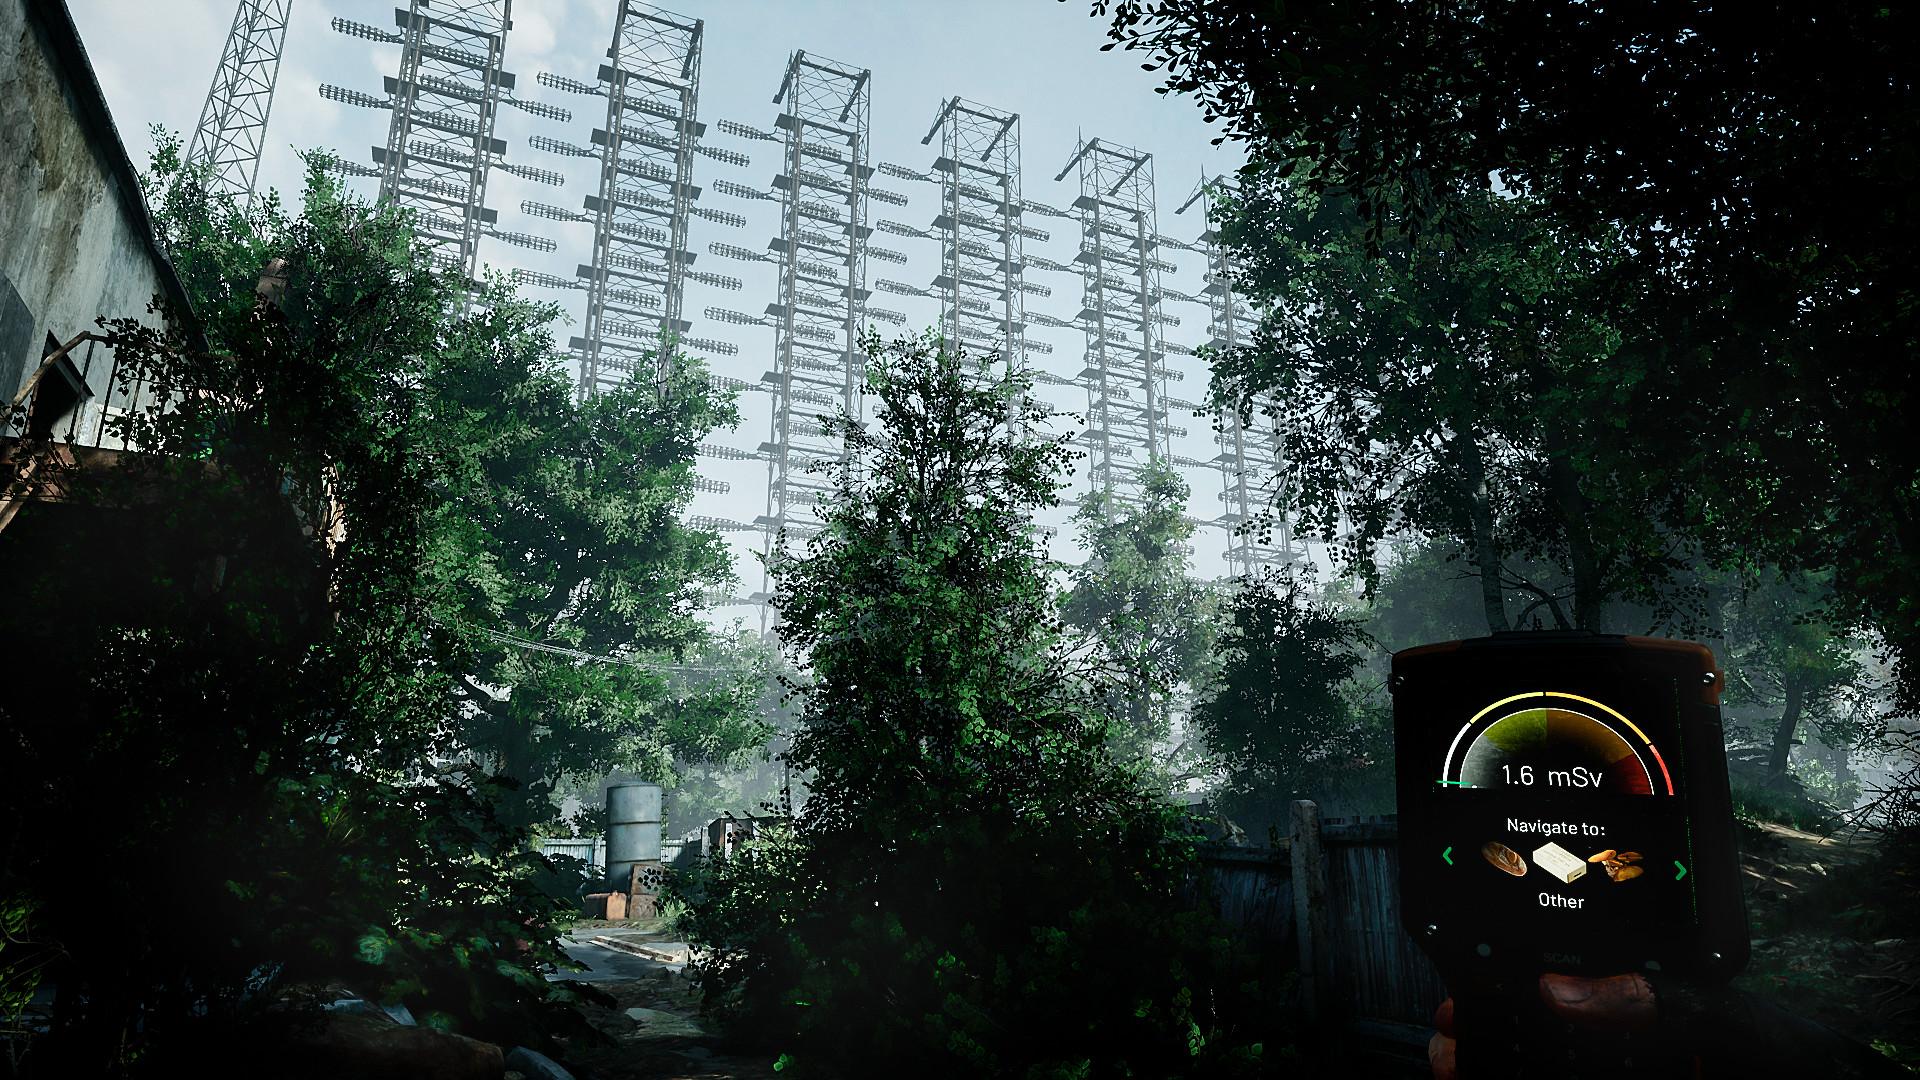 Видео: радиолокационная станция Дуга и её окрестности в трейлере Chernobylite